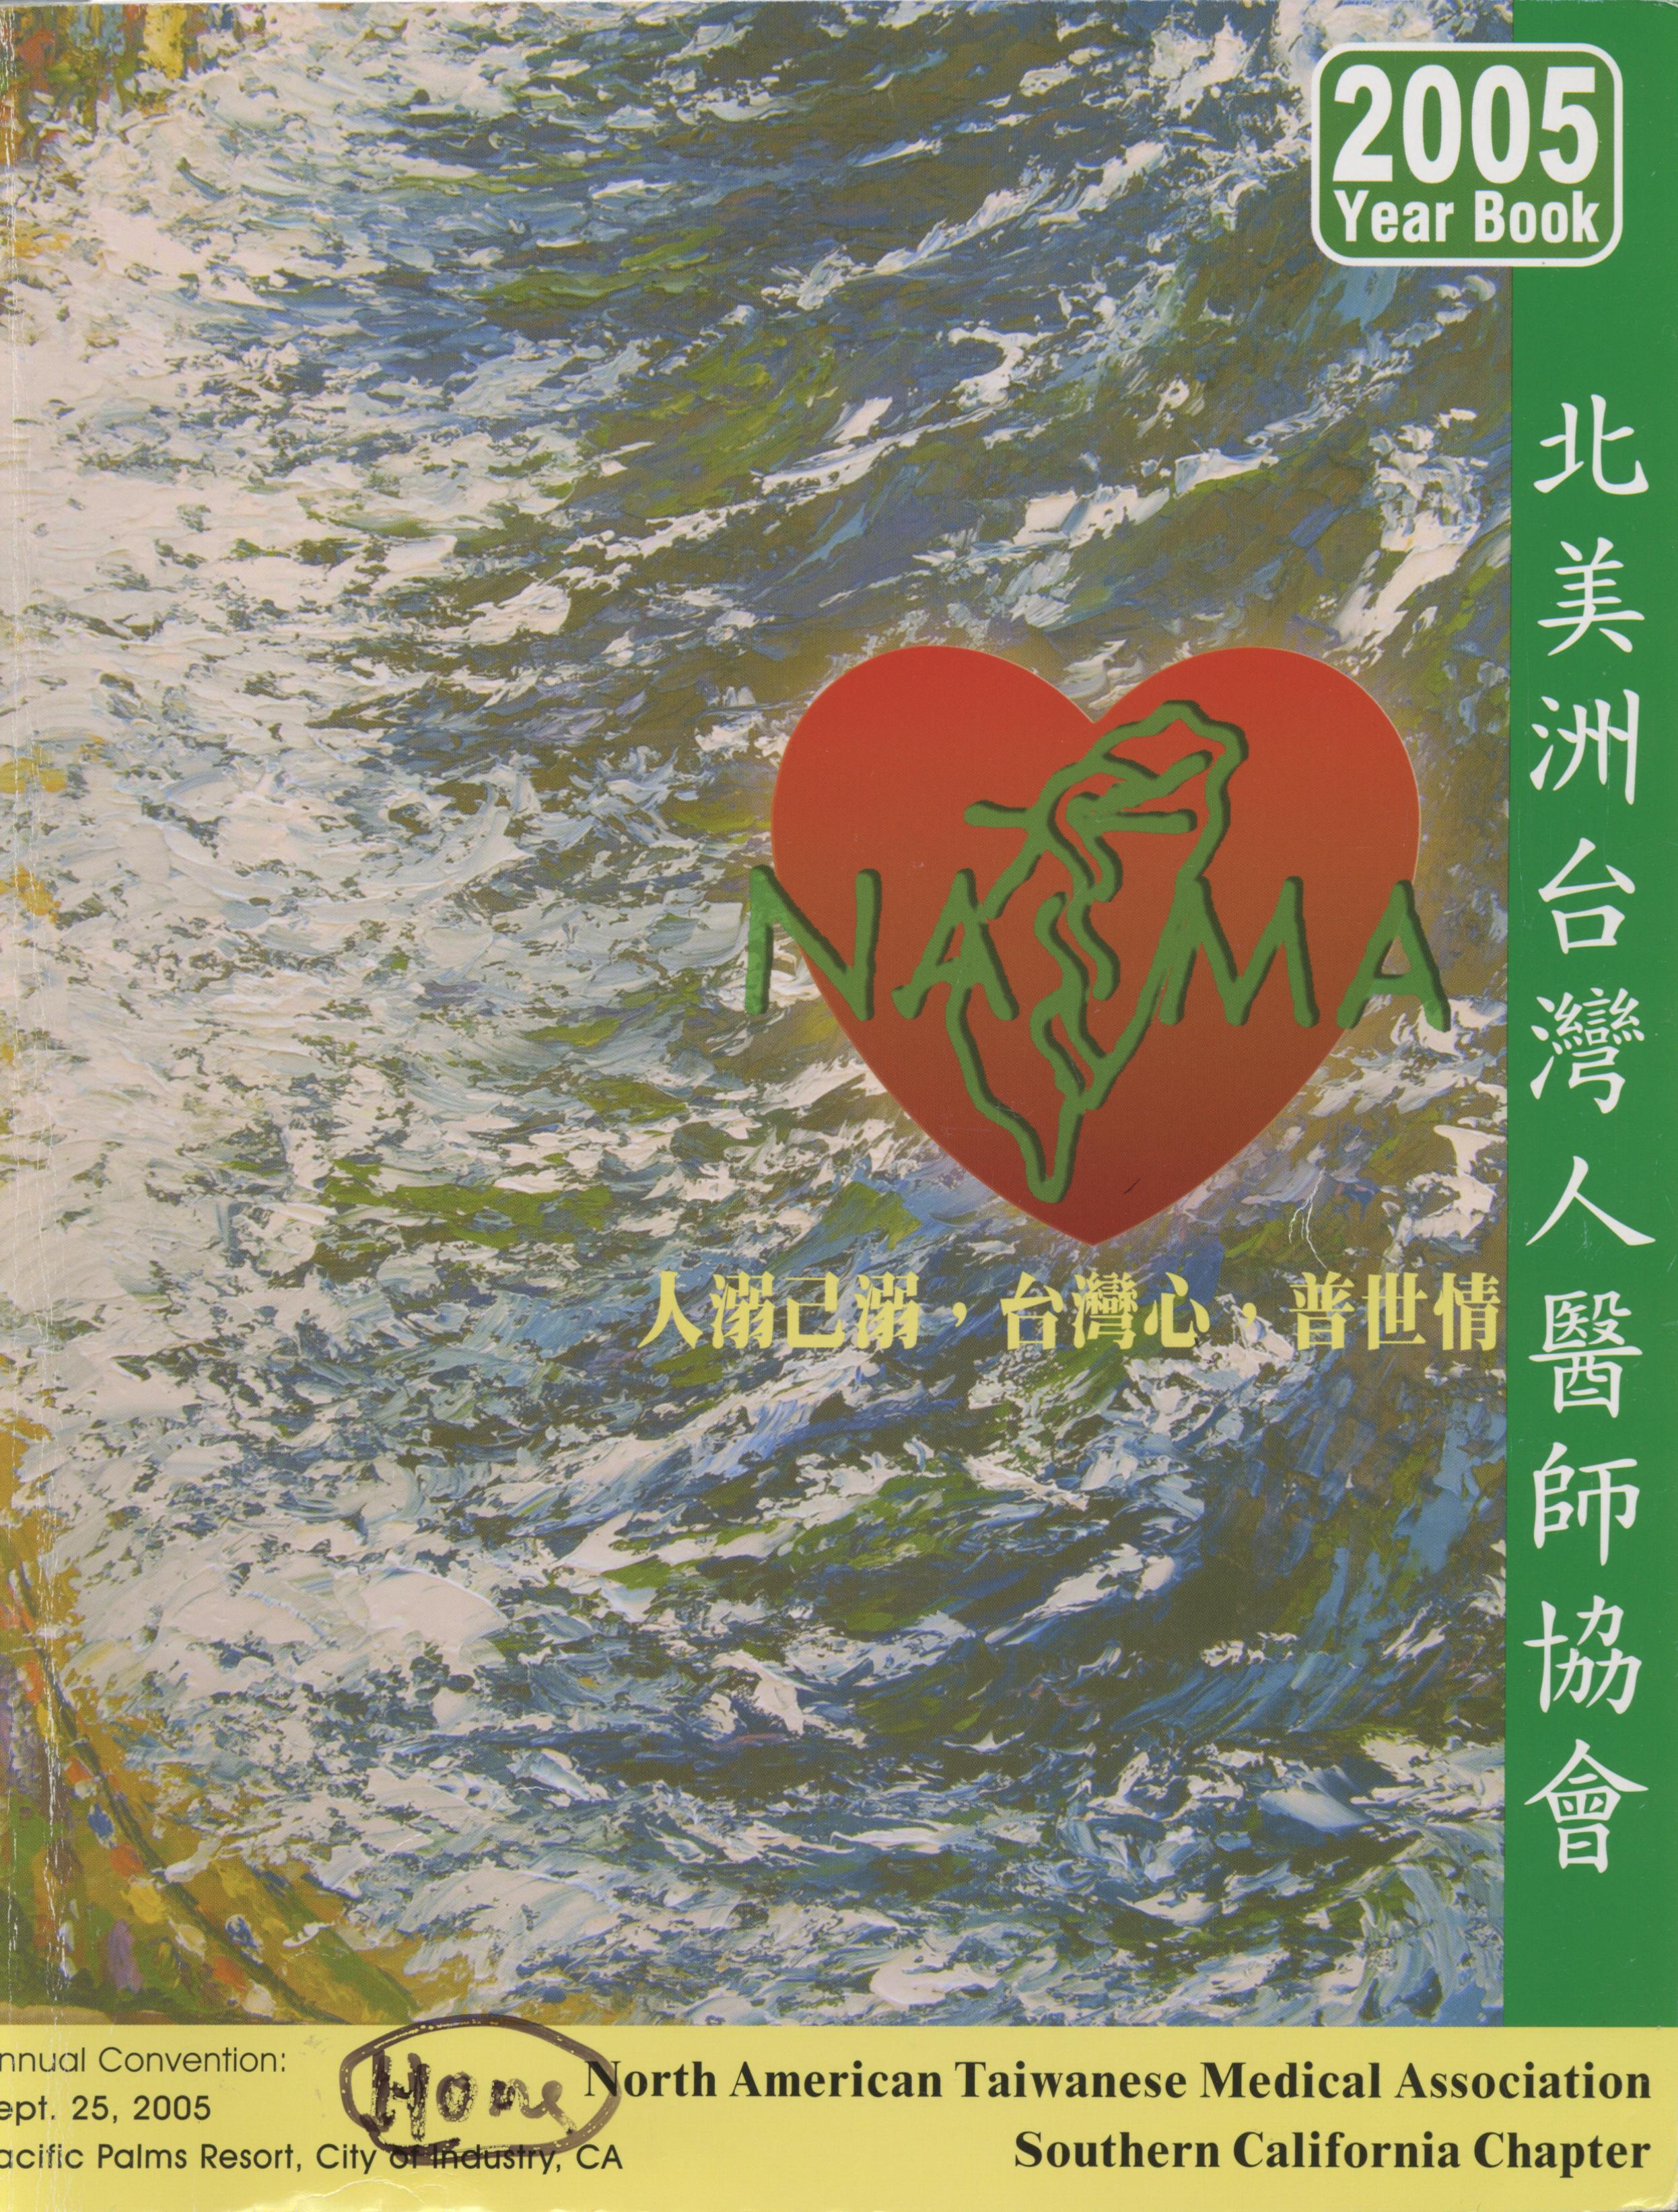 847. 北美洲台灣人醫師協會 南加州分會2005年刊 / NATMA /2005/09/Magazines/雜誌